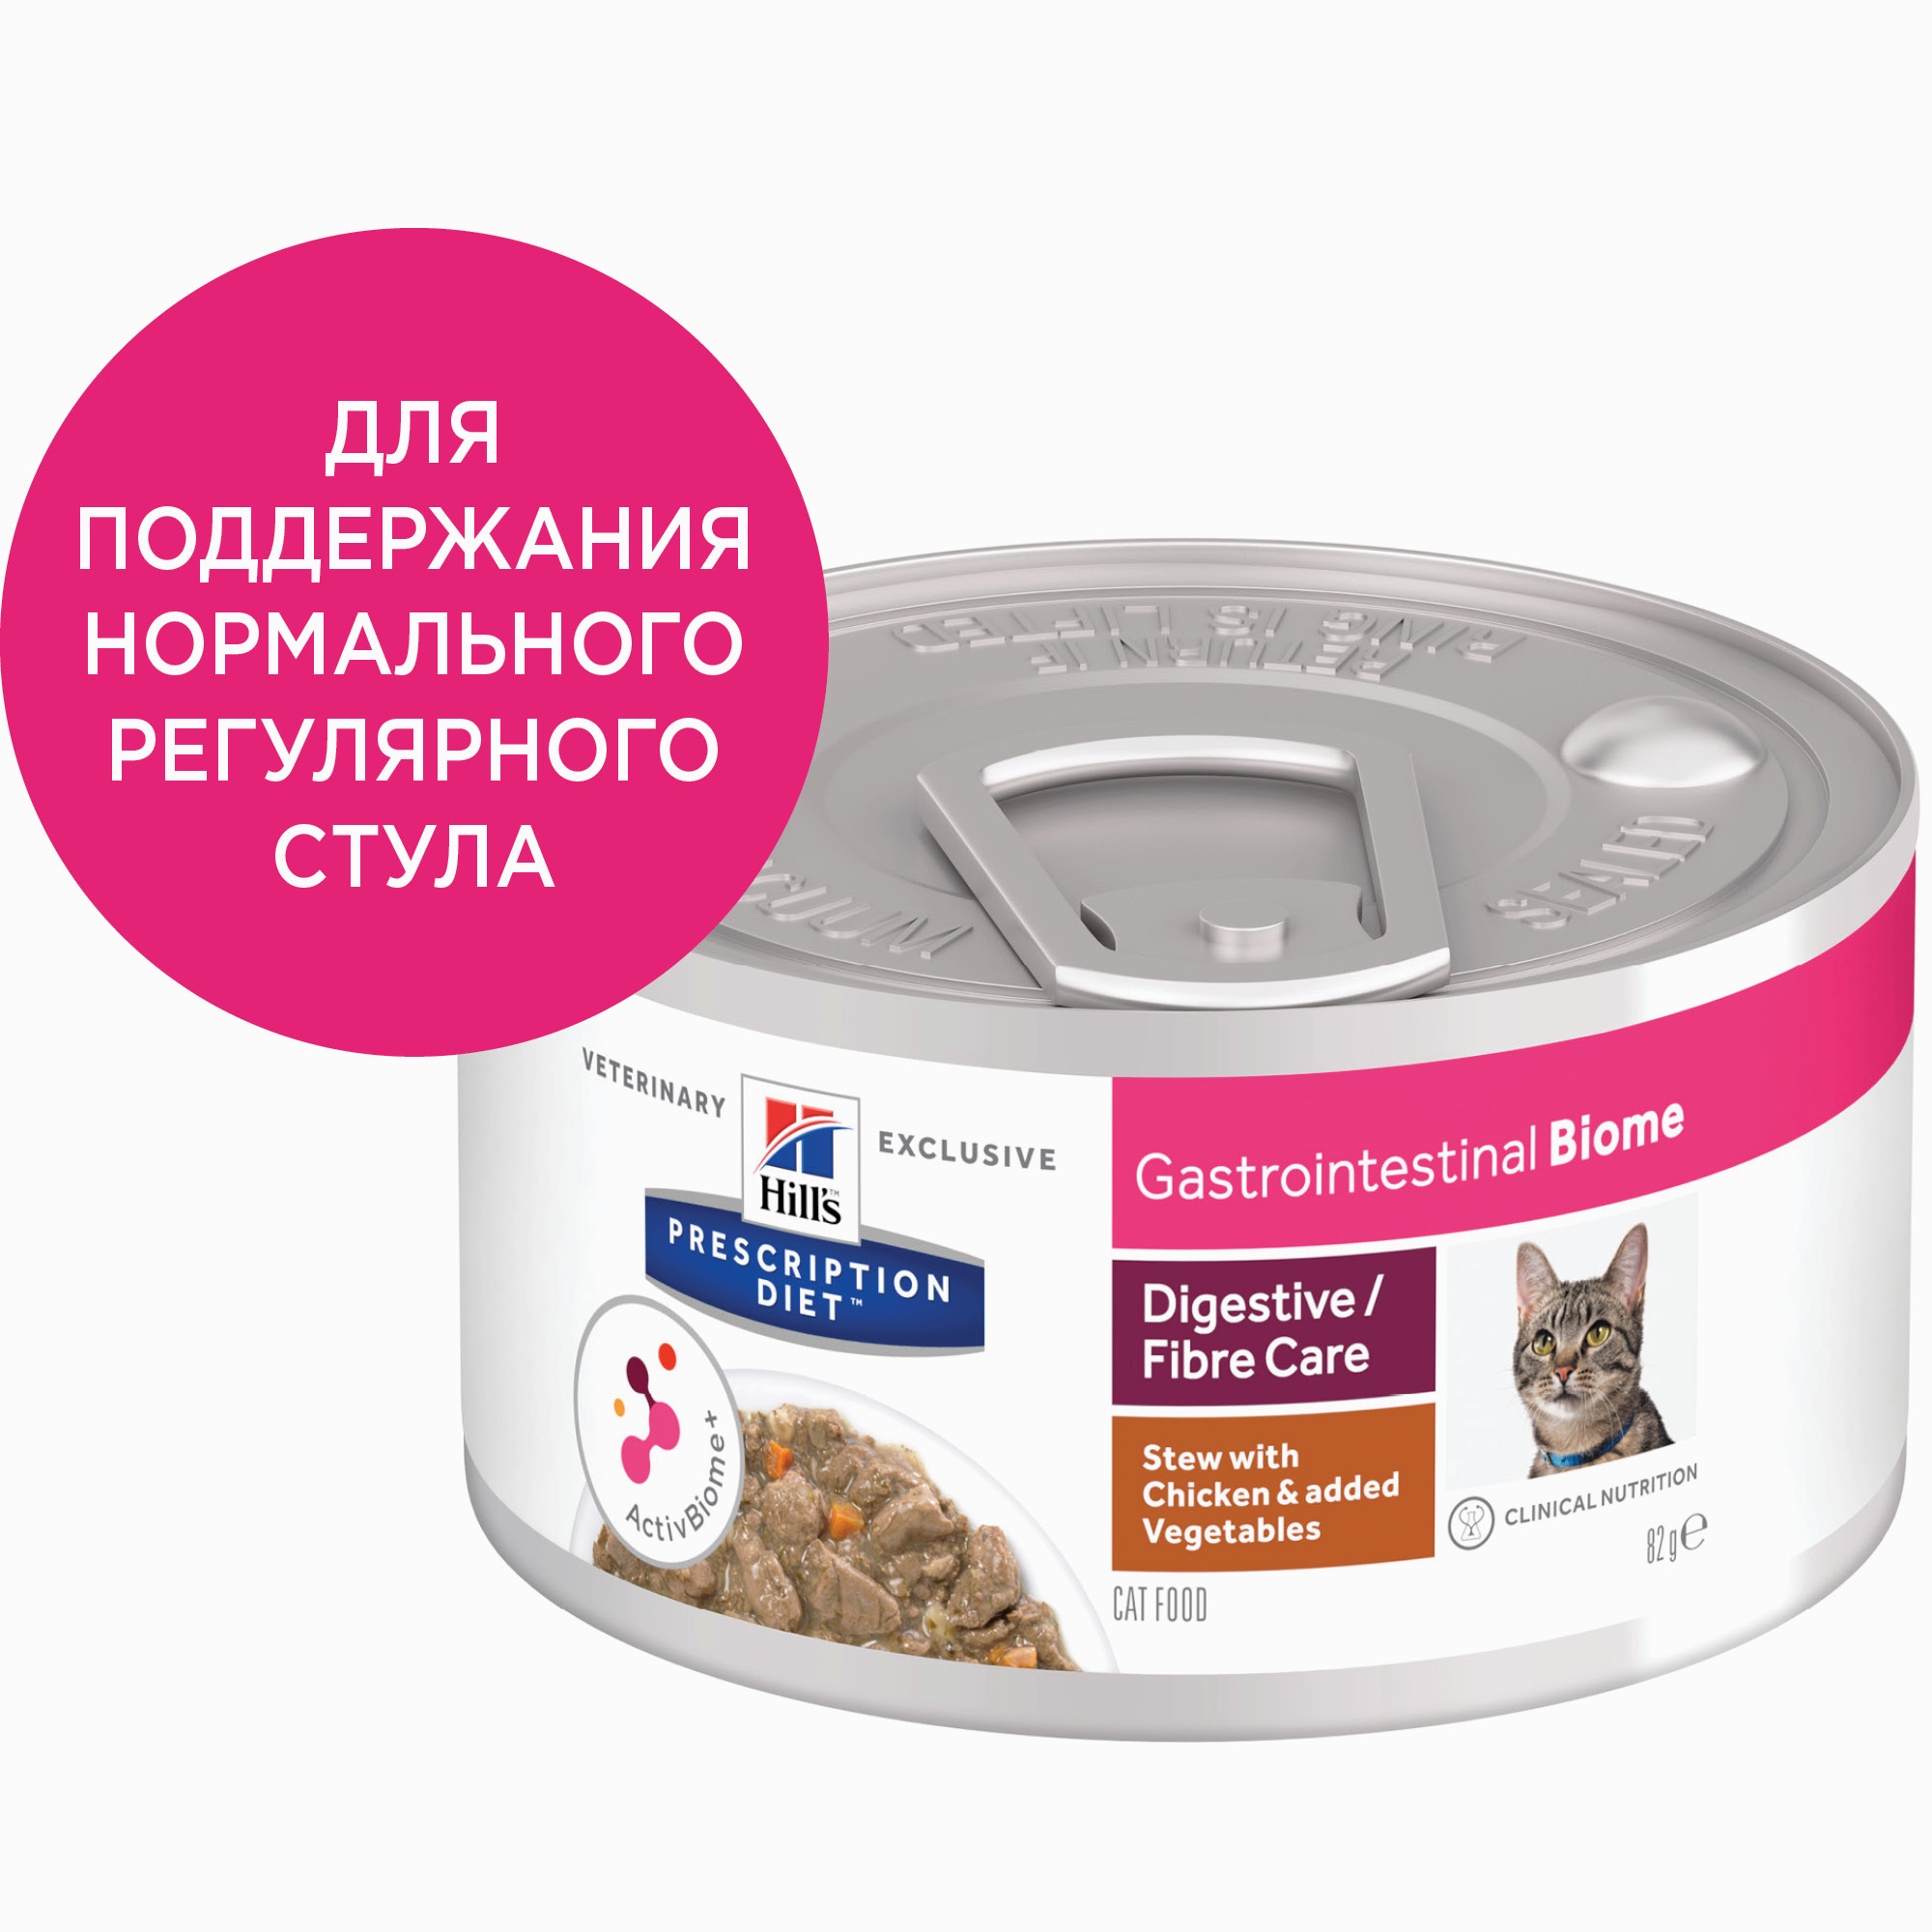 Hill's Prescription Diet Gastrointestinal Biome, 82 гр 60909